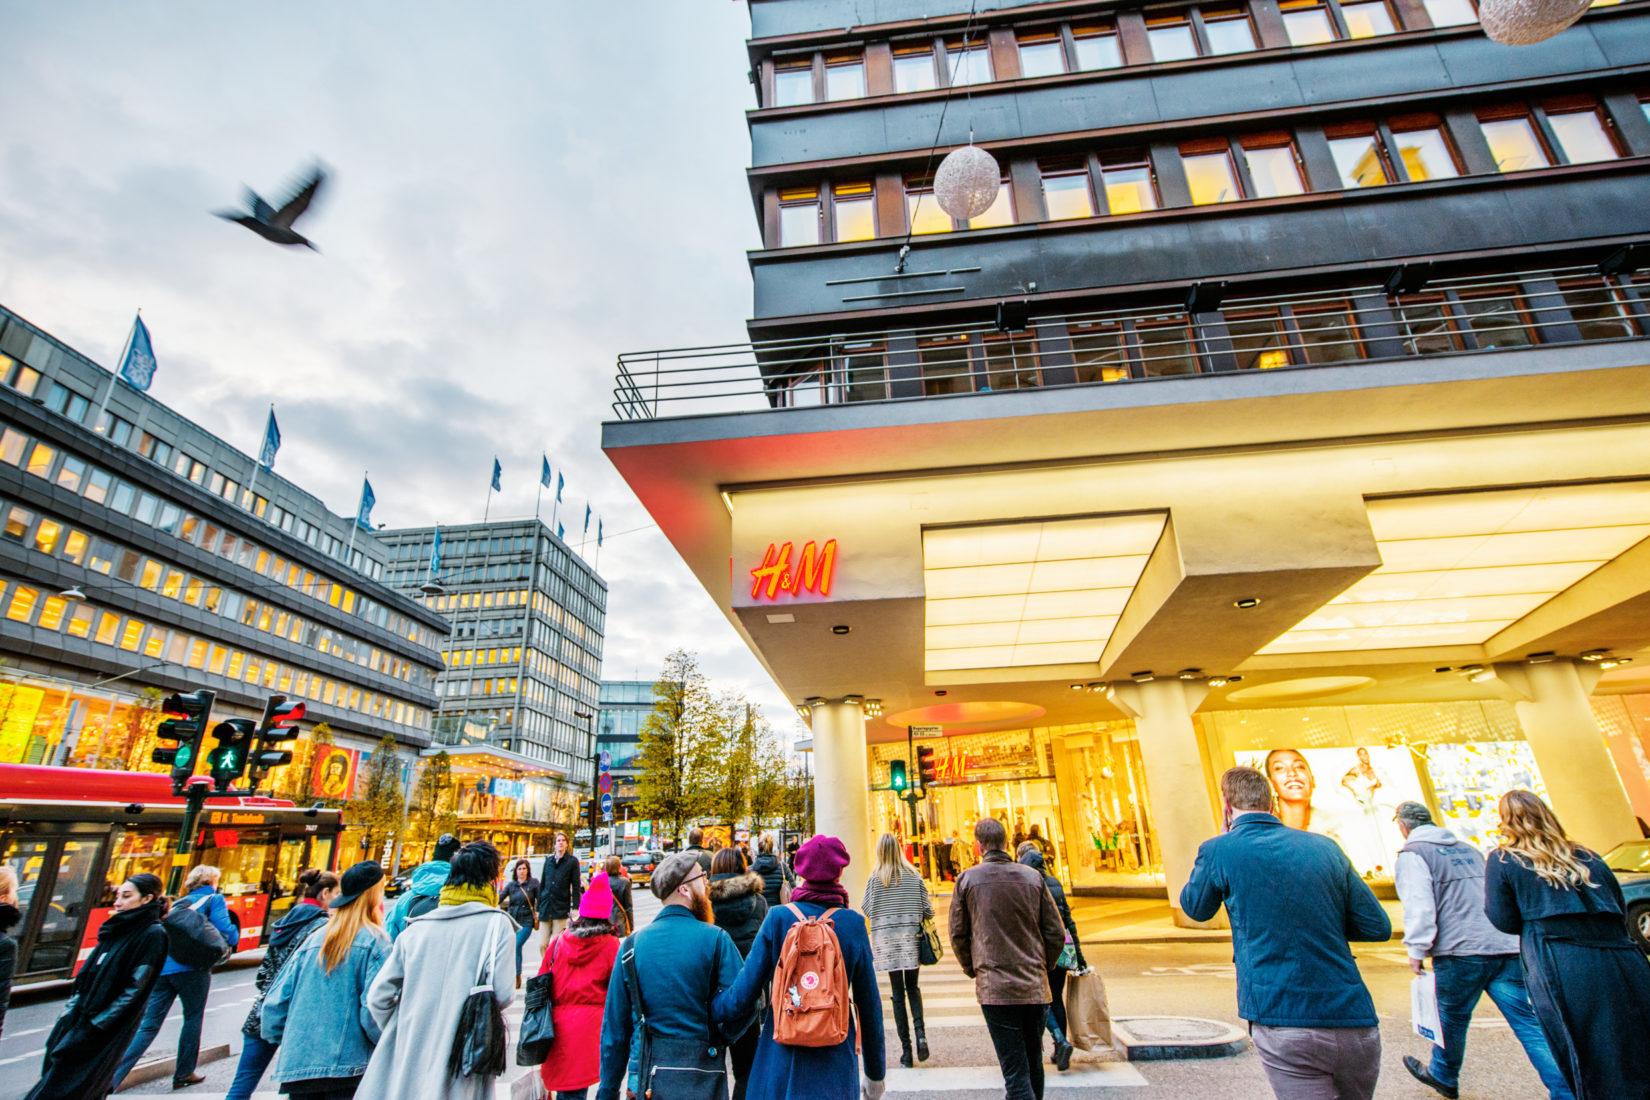 Människor går på en shoppinggata och passerar en H&M butik. Himlen är grå och en duva flyger rakt över bilden.